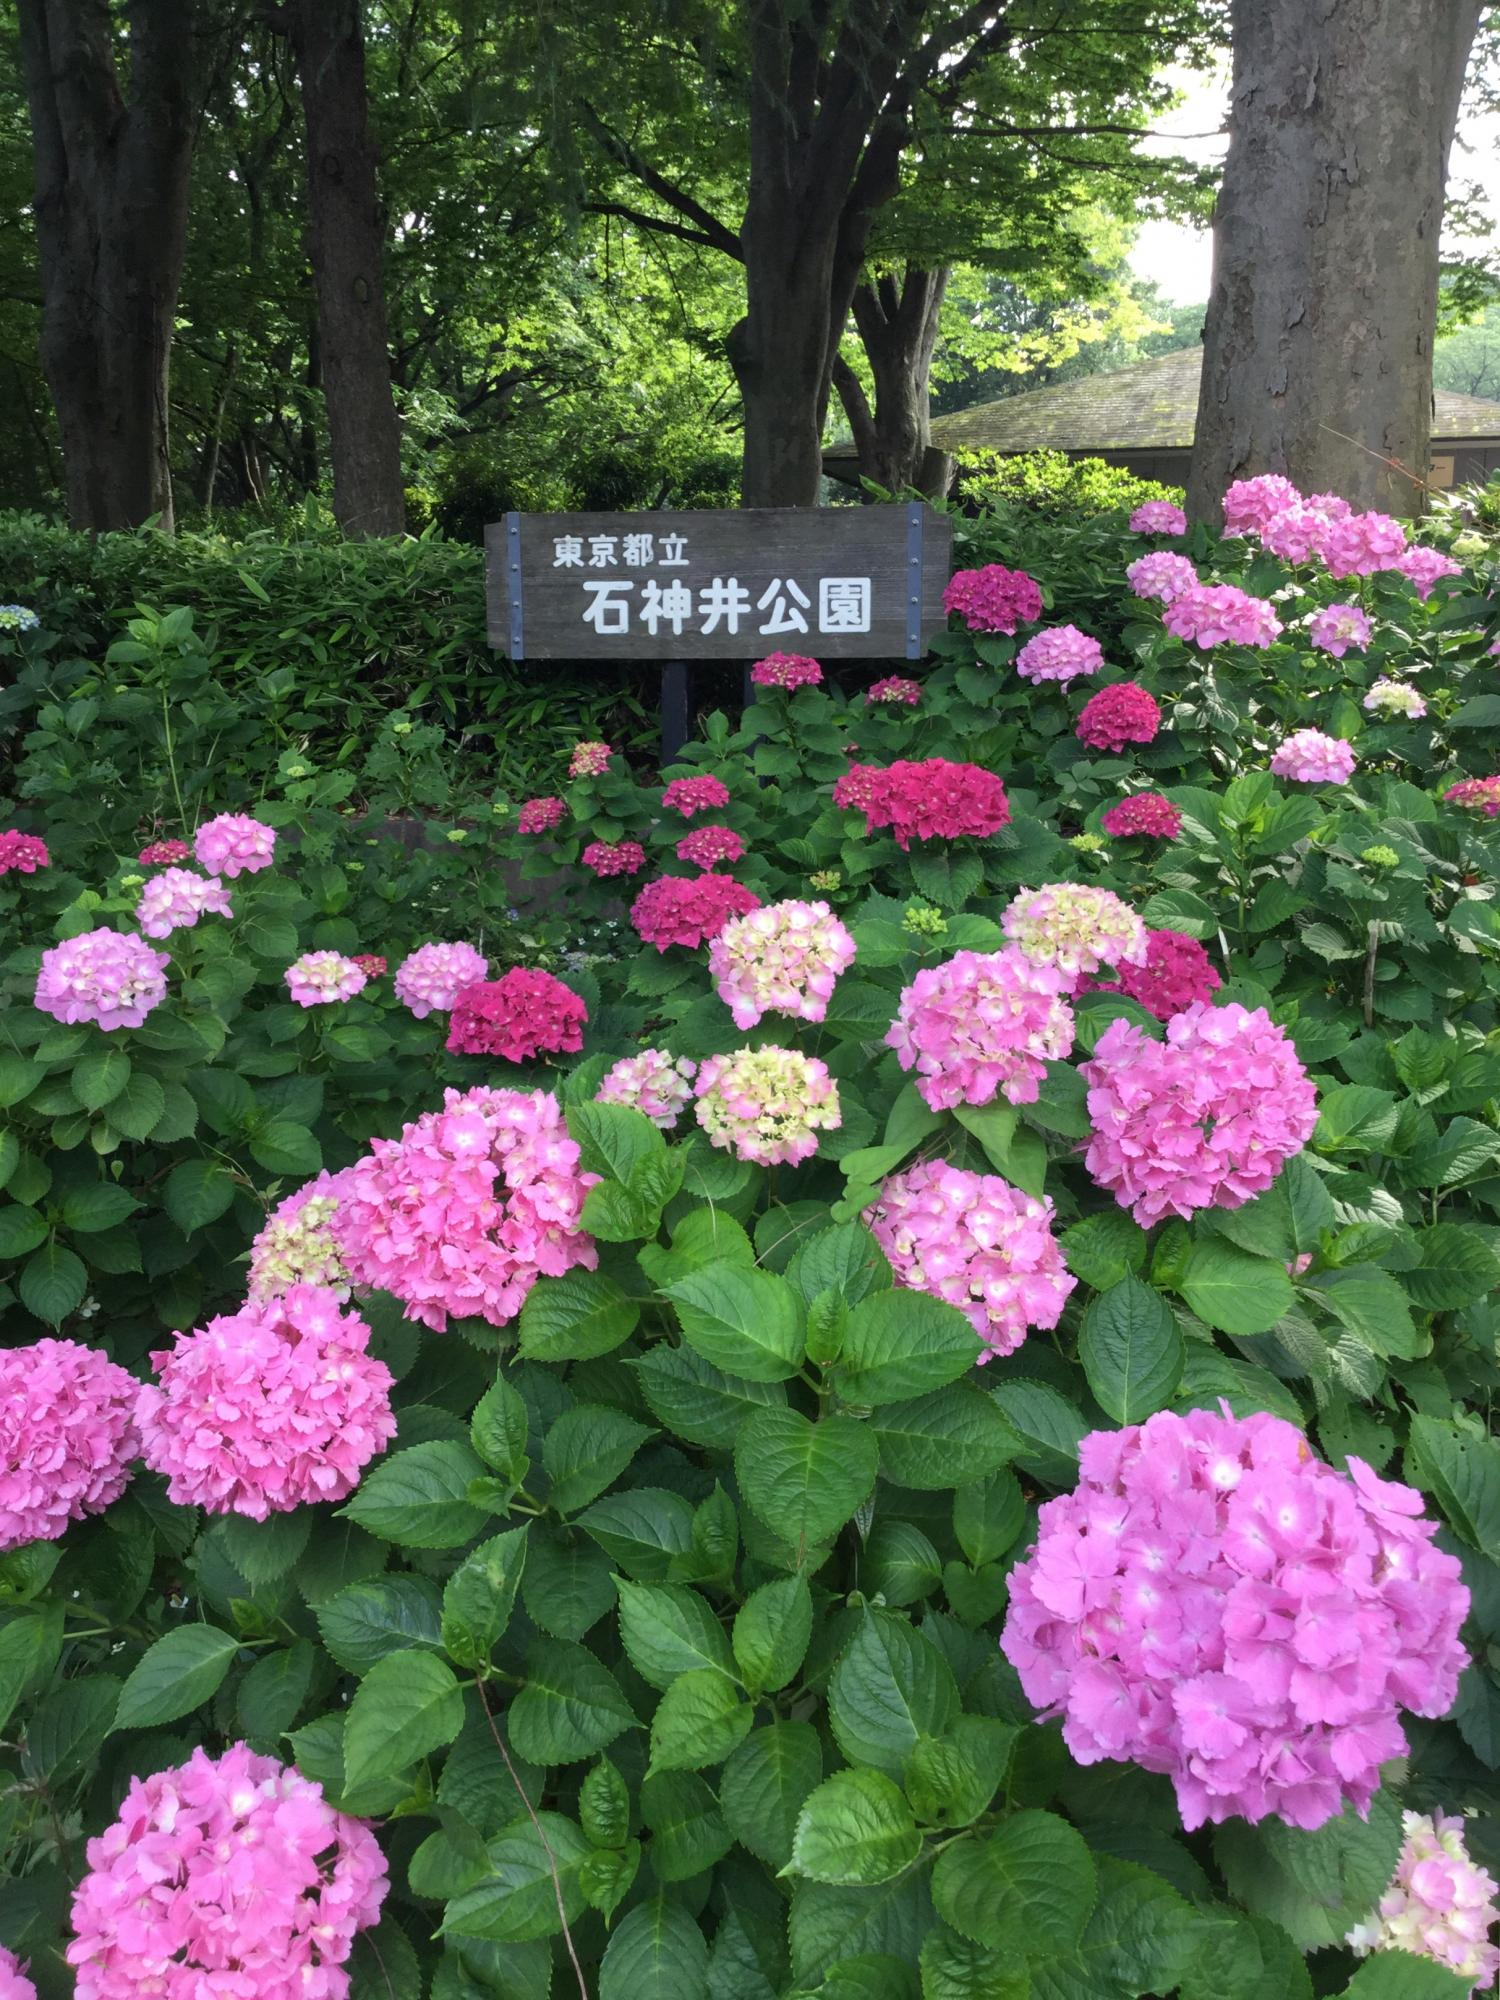 紫阳花的季节